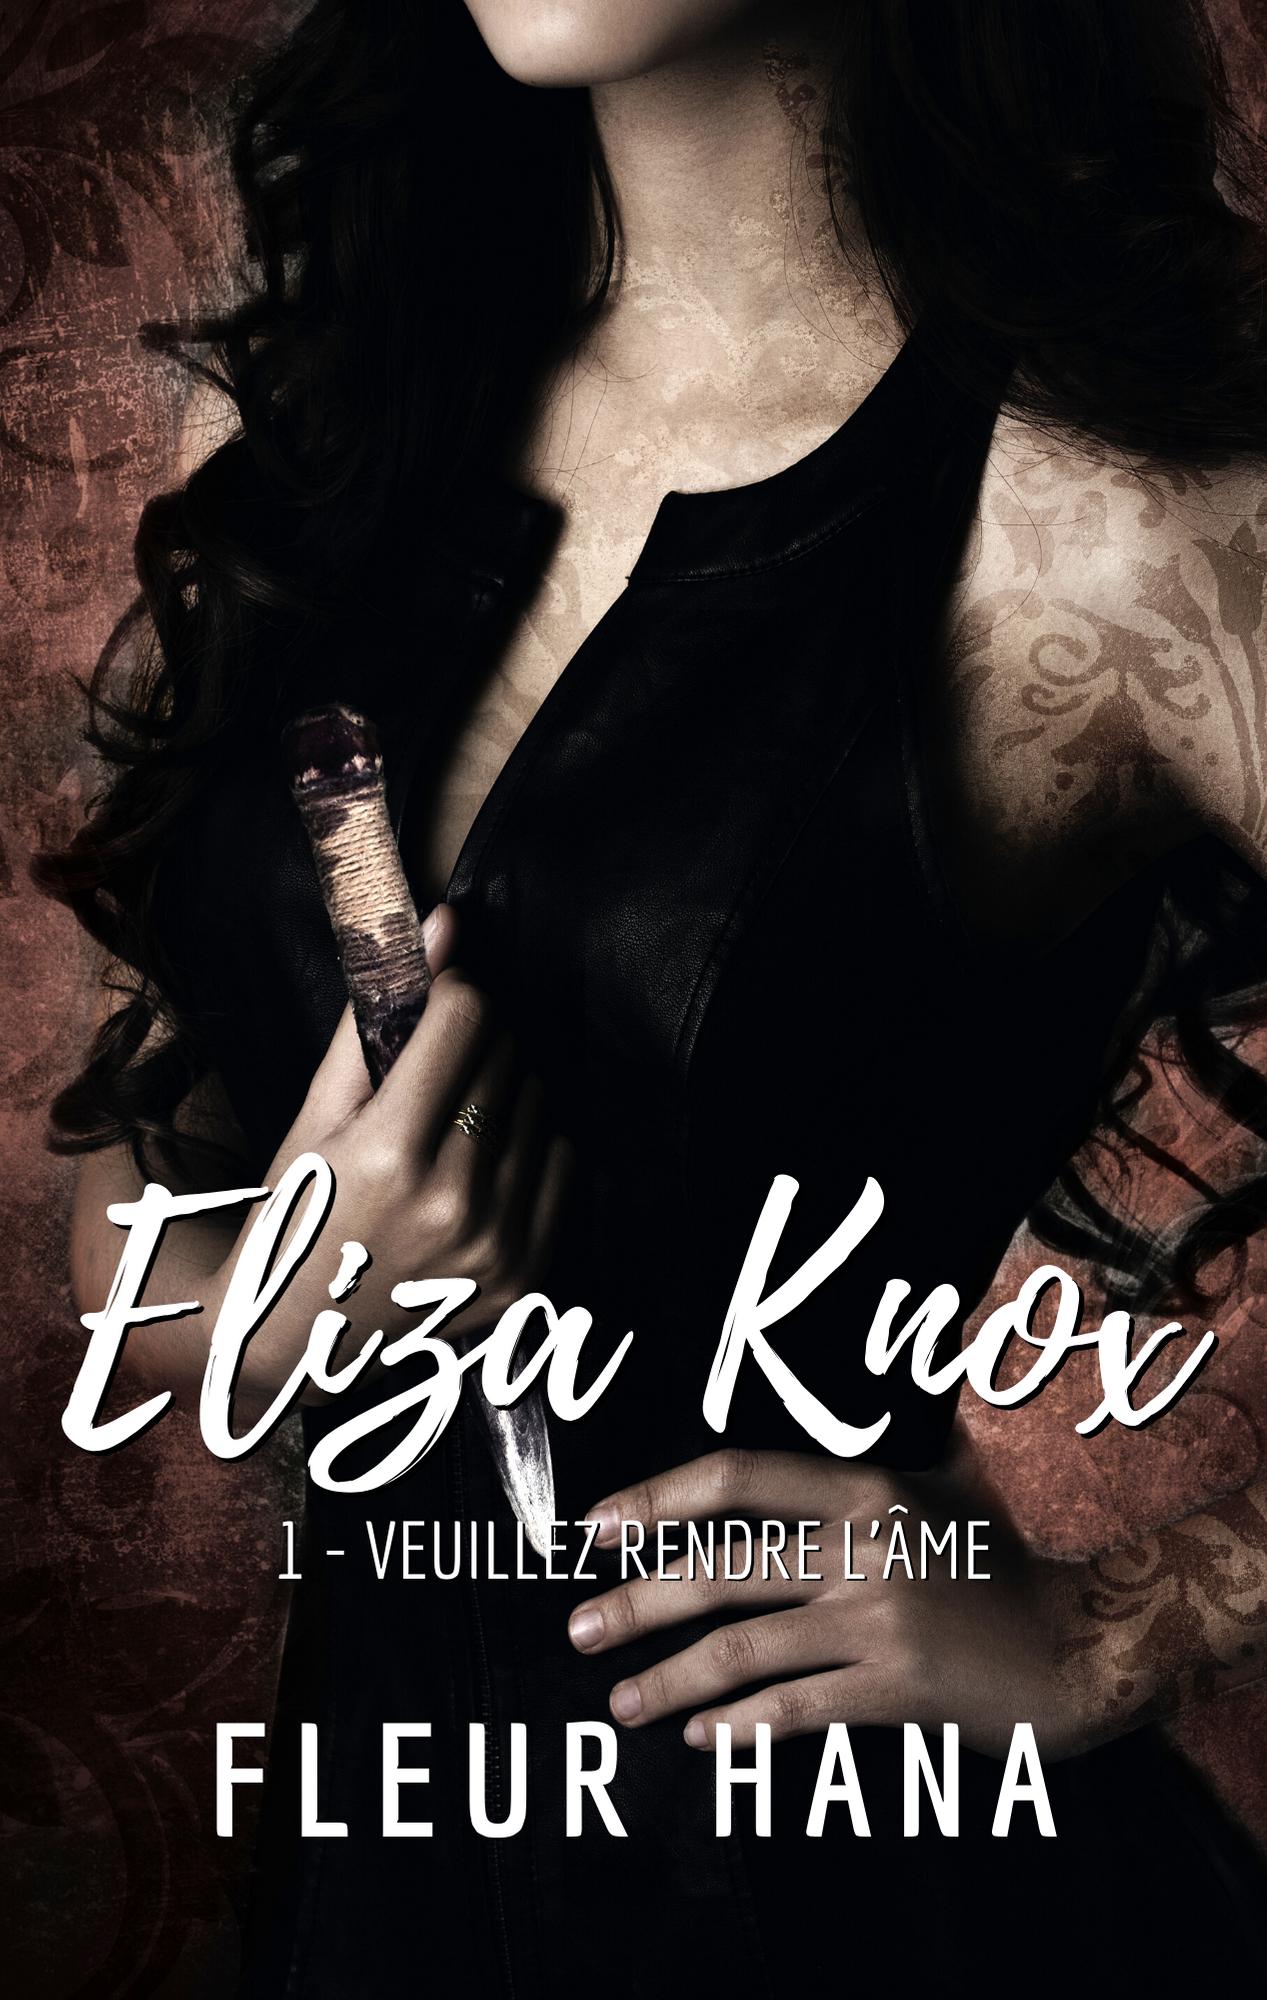 Défi lecture 2020 de Perséphone  Eliza-knox-tome-1-veuillez-rendre-l-ame-1296446